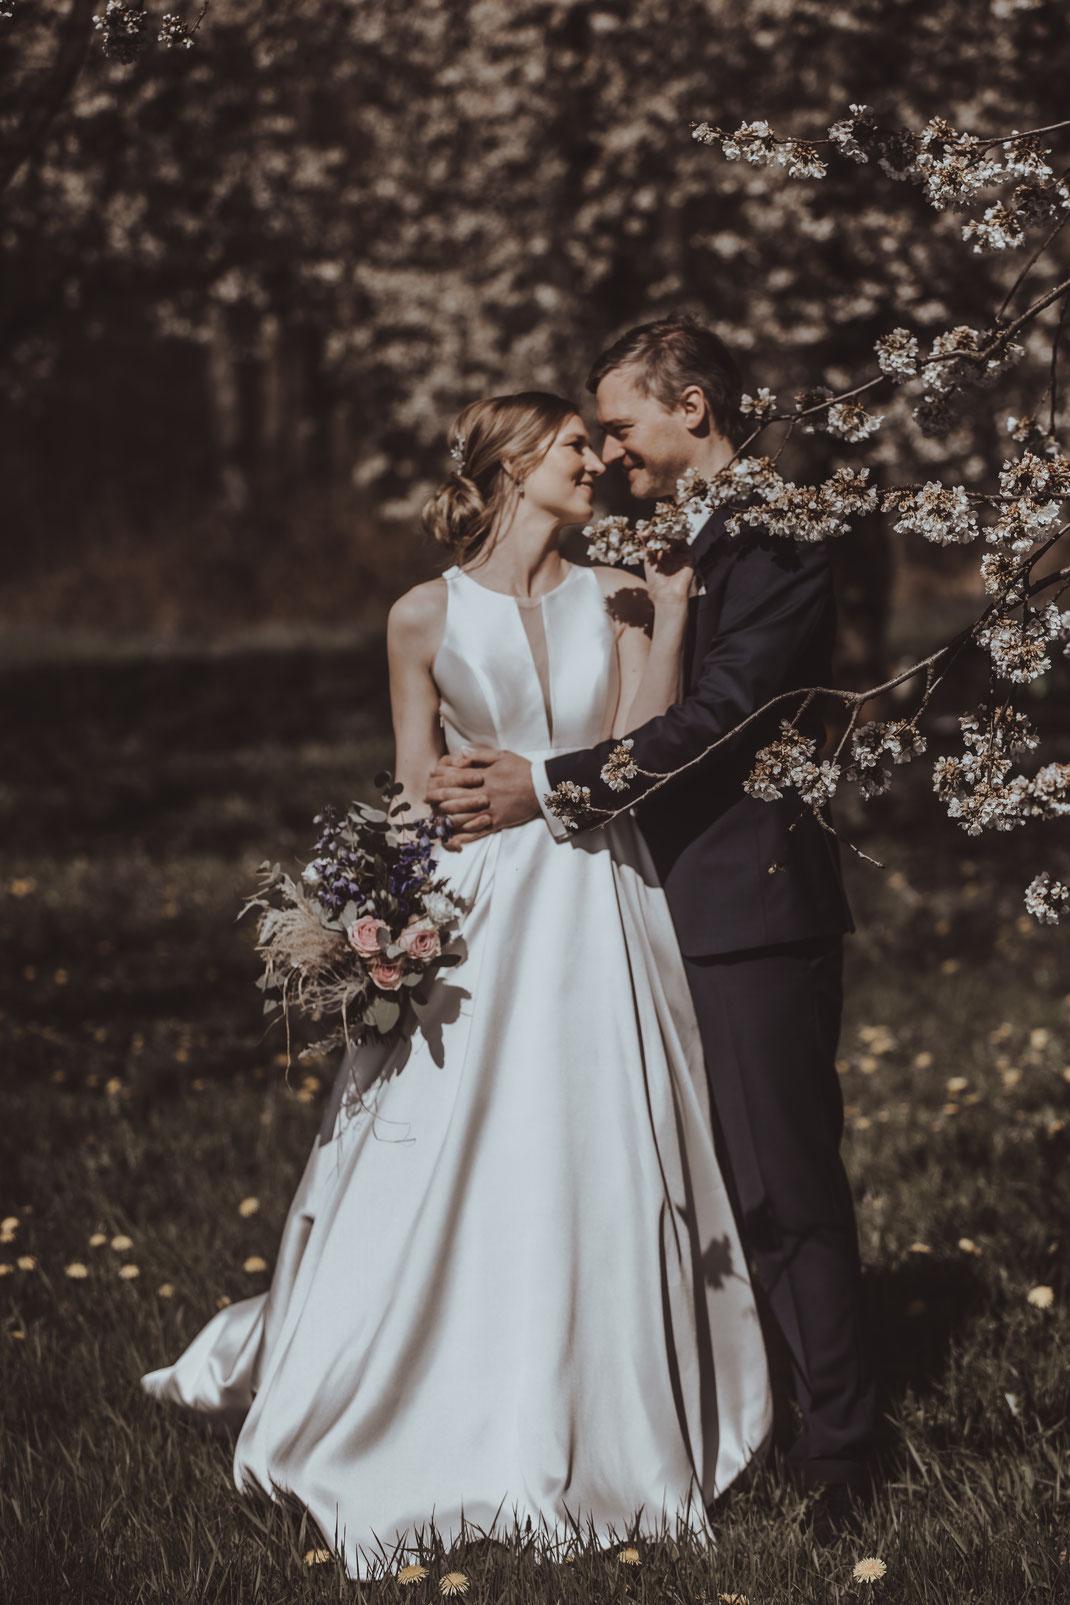 romantischer Traum einer kleinen persönlichen Trauung